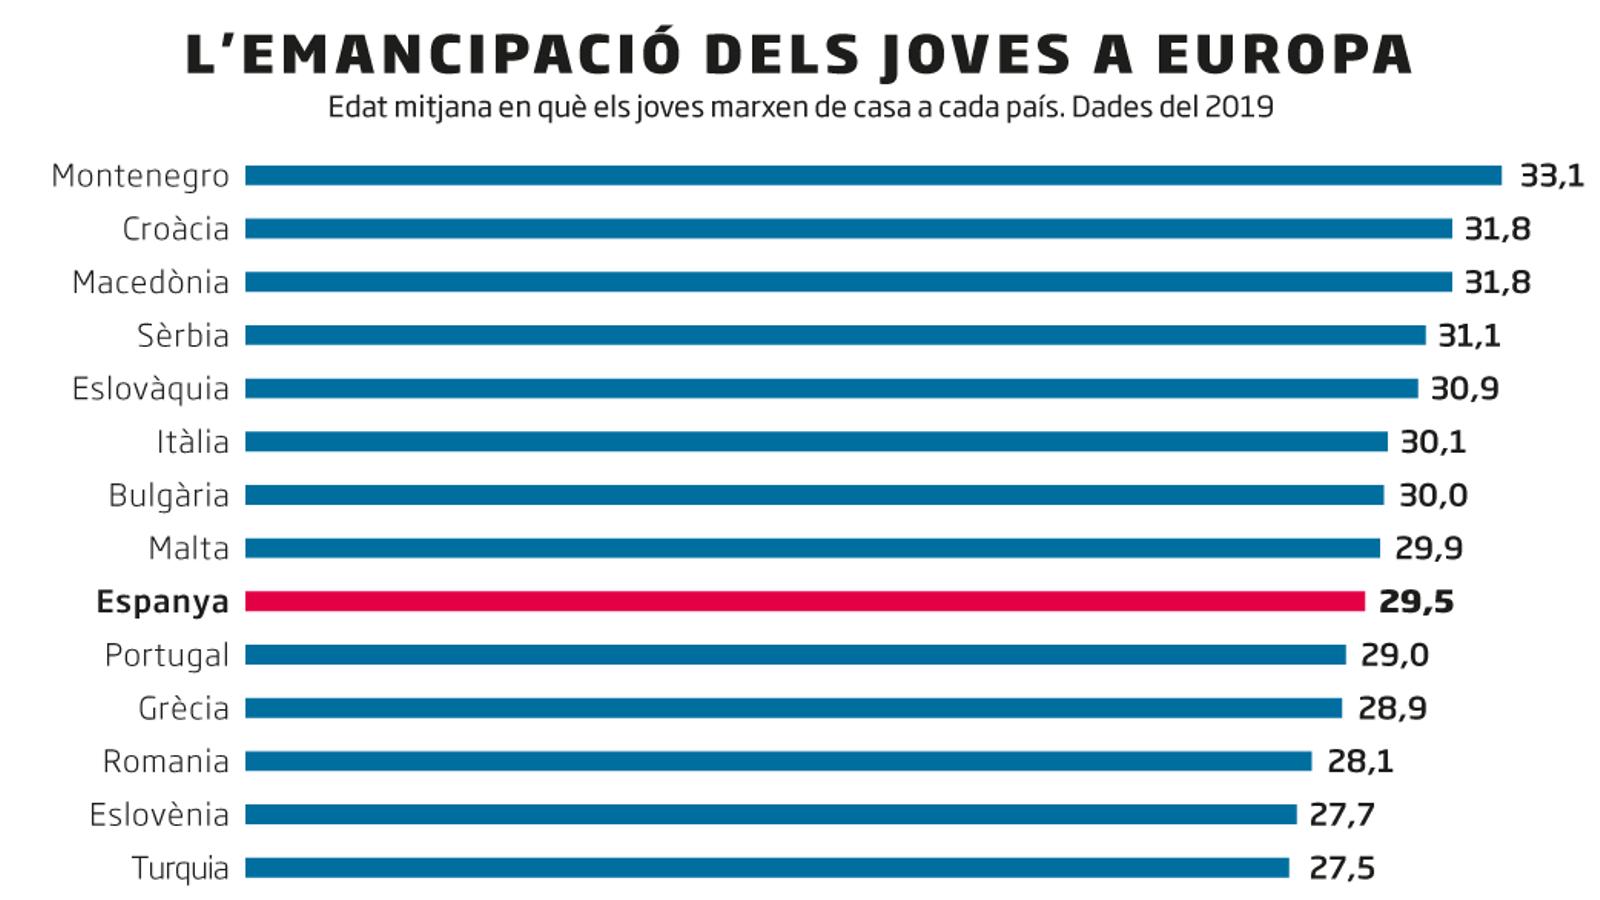 Gairebé la meitat dels joves espanyols d'entre 25 i 34 anys viuen a casa els pares